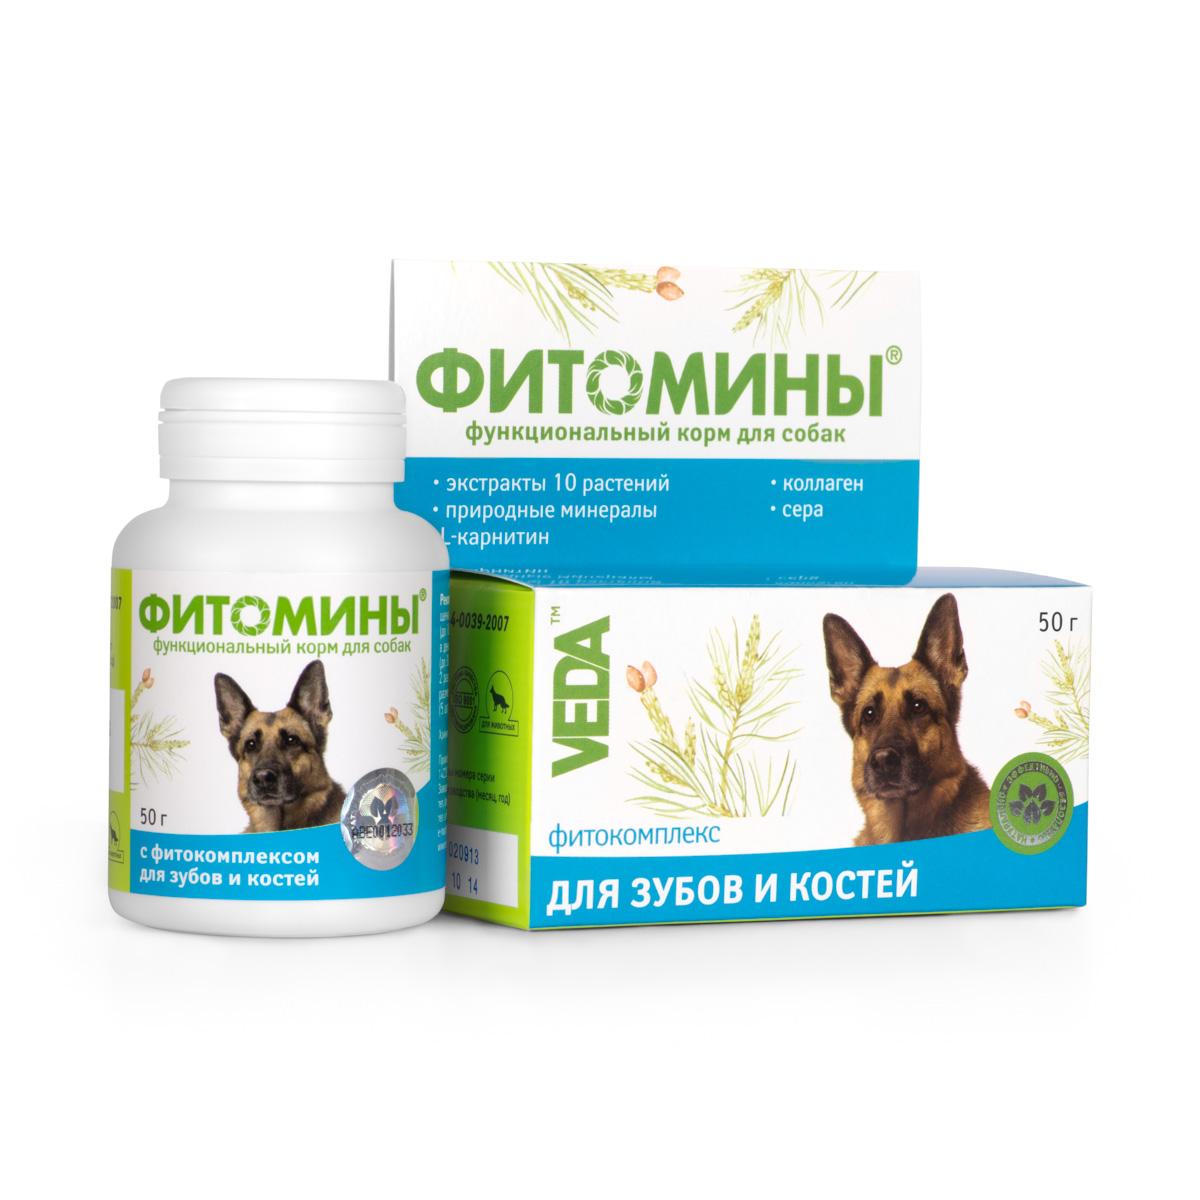 Корм функциональный для собак VEDA Фитомины, с фитокомплексом для зубов и костей, 50 г4605543005879Функциональный корм для собак VEDA Фитомины регулирует фосфорно- кальциевый обмен организма. Рекомендуется для систематического употребления в составе кормовых рационов щенков, беременных и кормящих собак, а также взрослых и стареющих собак с заболеваниями костей и зубов, пародонтозом, травмами и переломами, после хирургических операций, при «вымывании» кальция из костей. Товар сертифицирован.